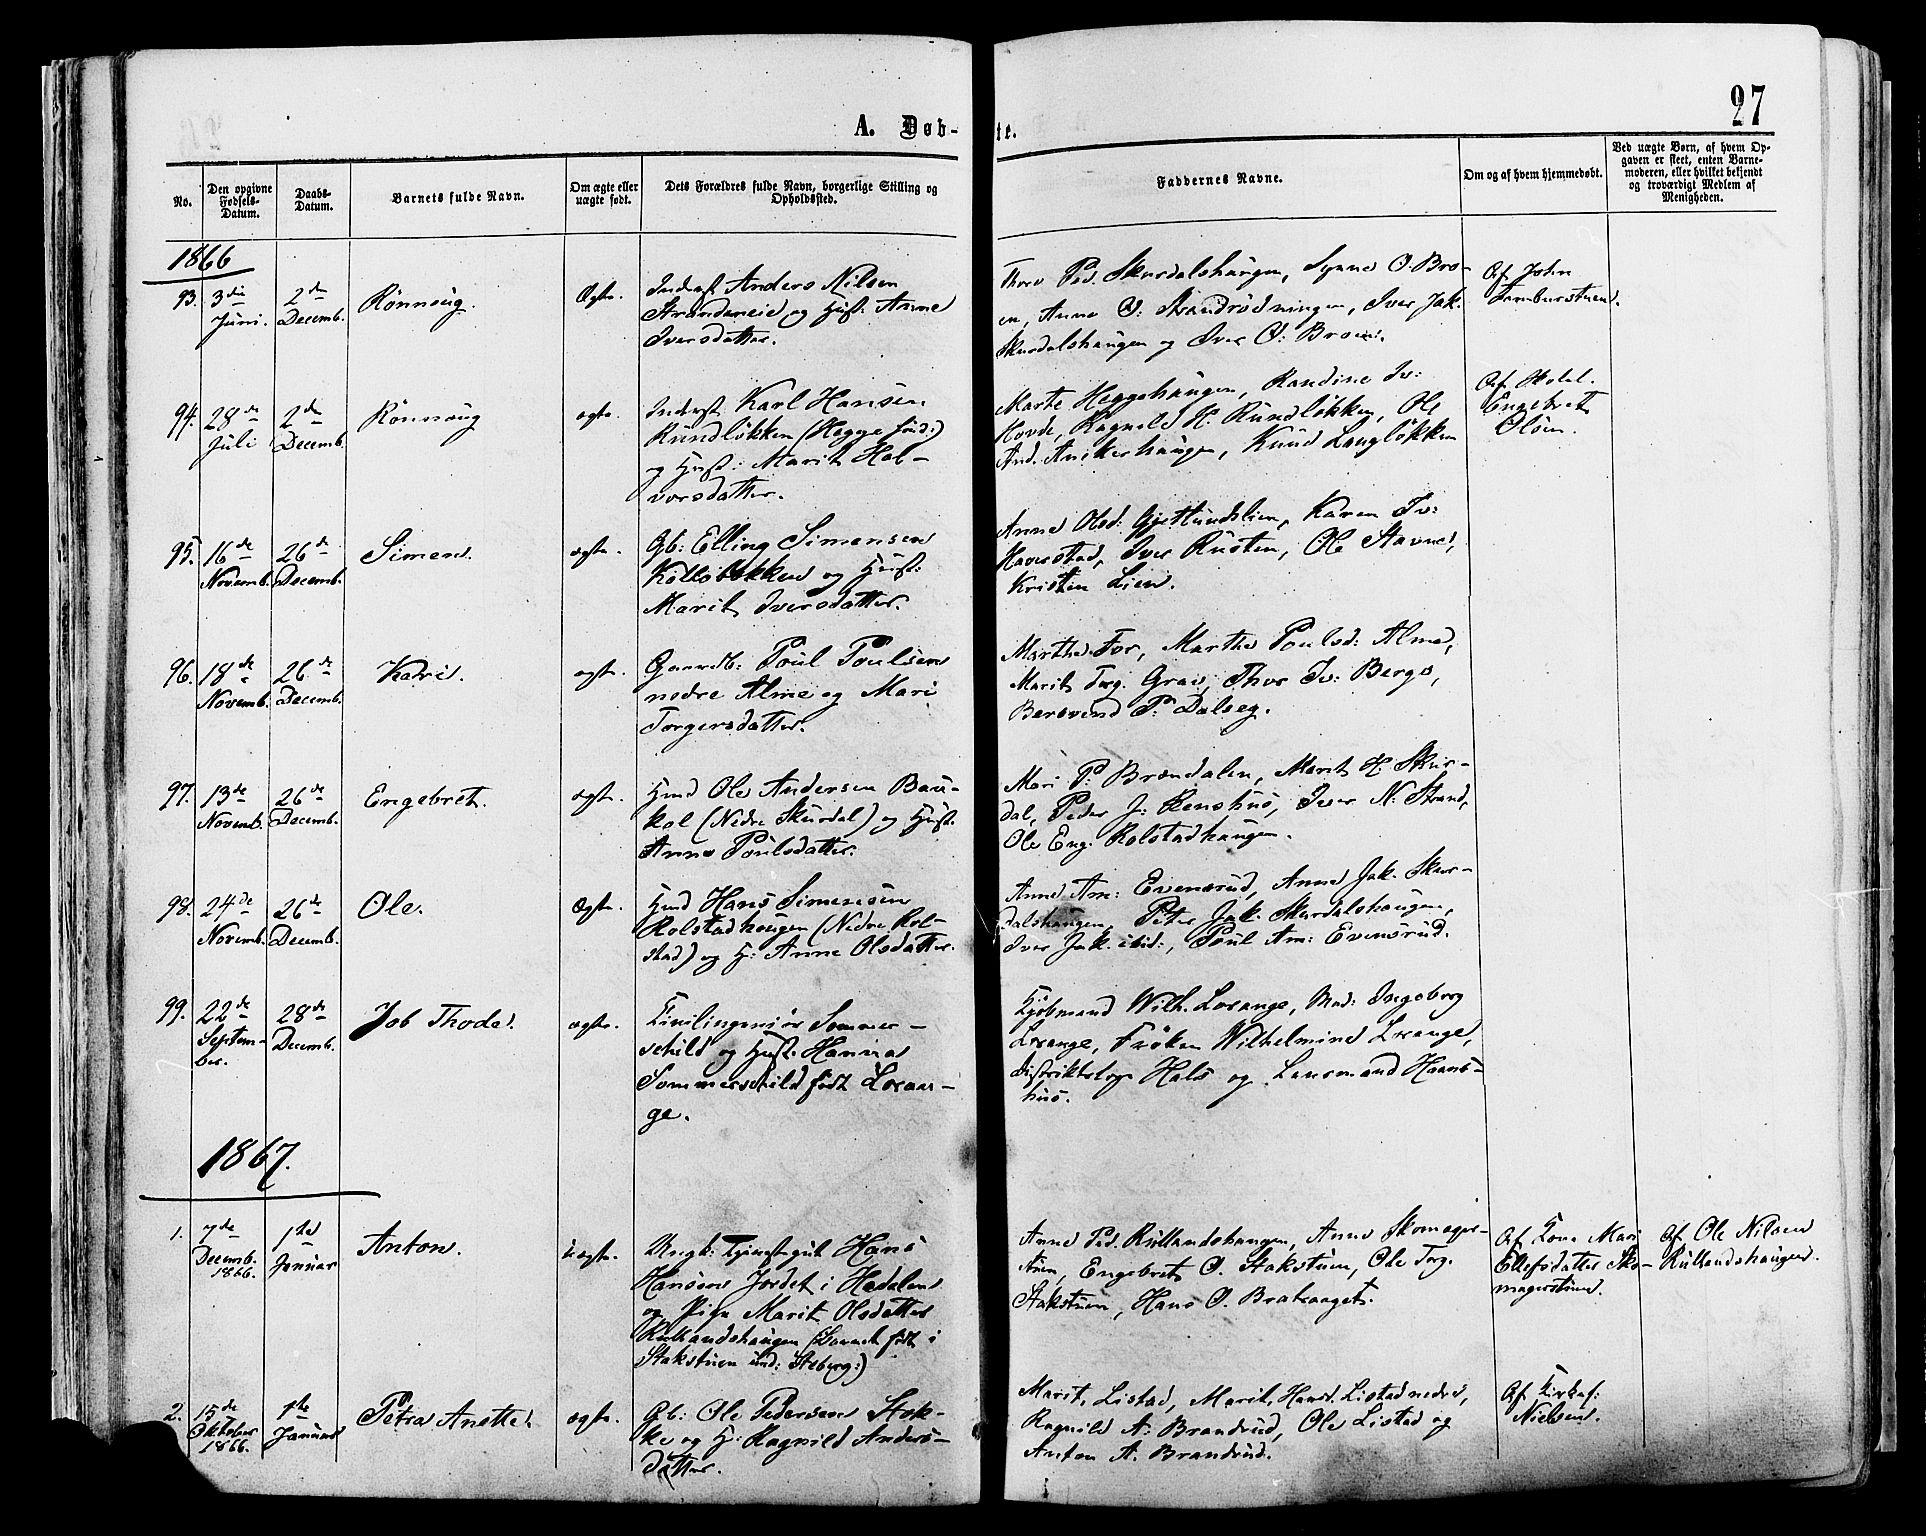 SAH, Sør-Fron prestekontor, H/Ha/Haa/L0002: Ministerialbok nr. 2, 1864-1880, s. 27